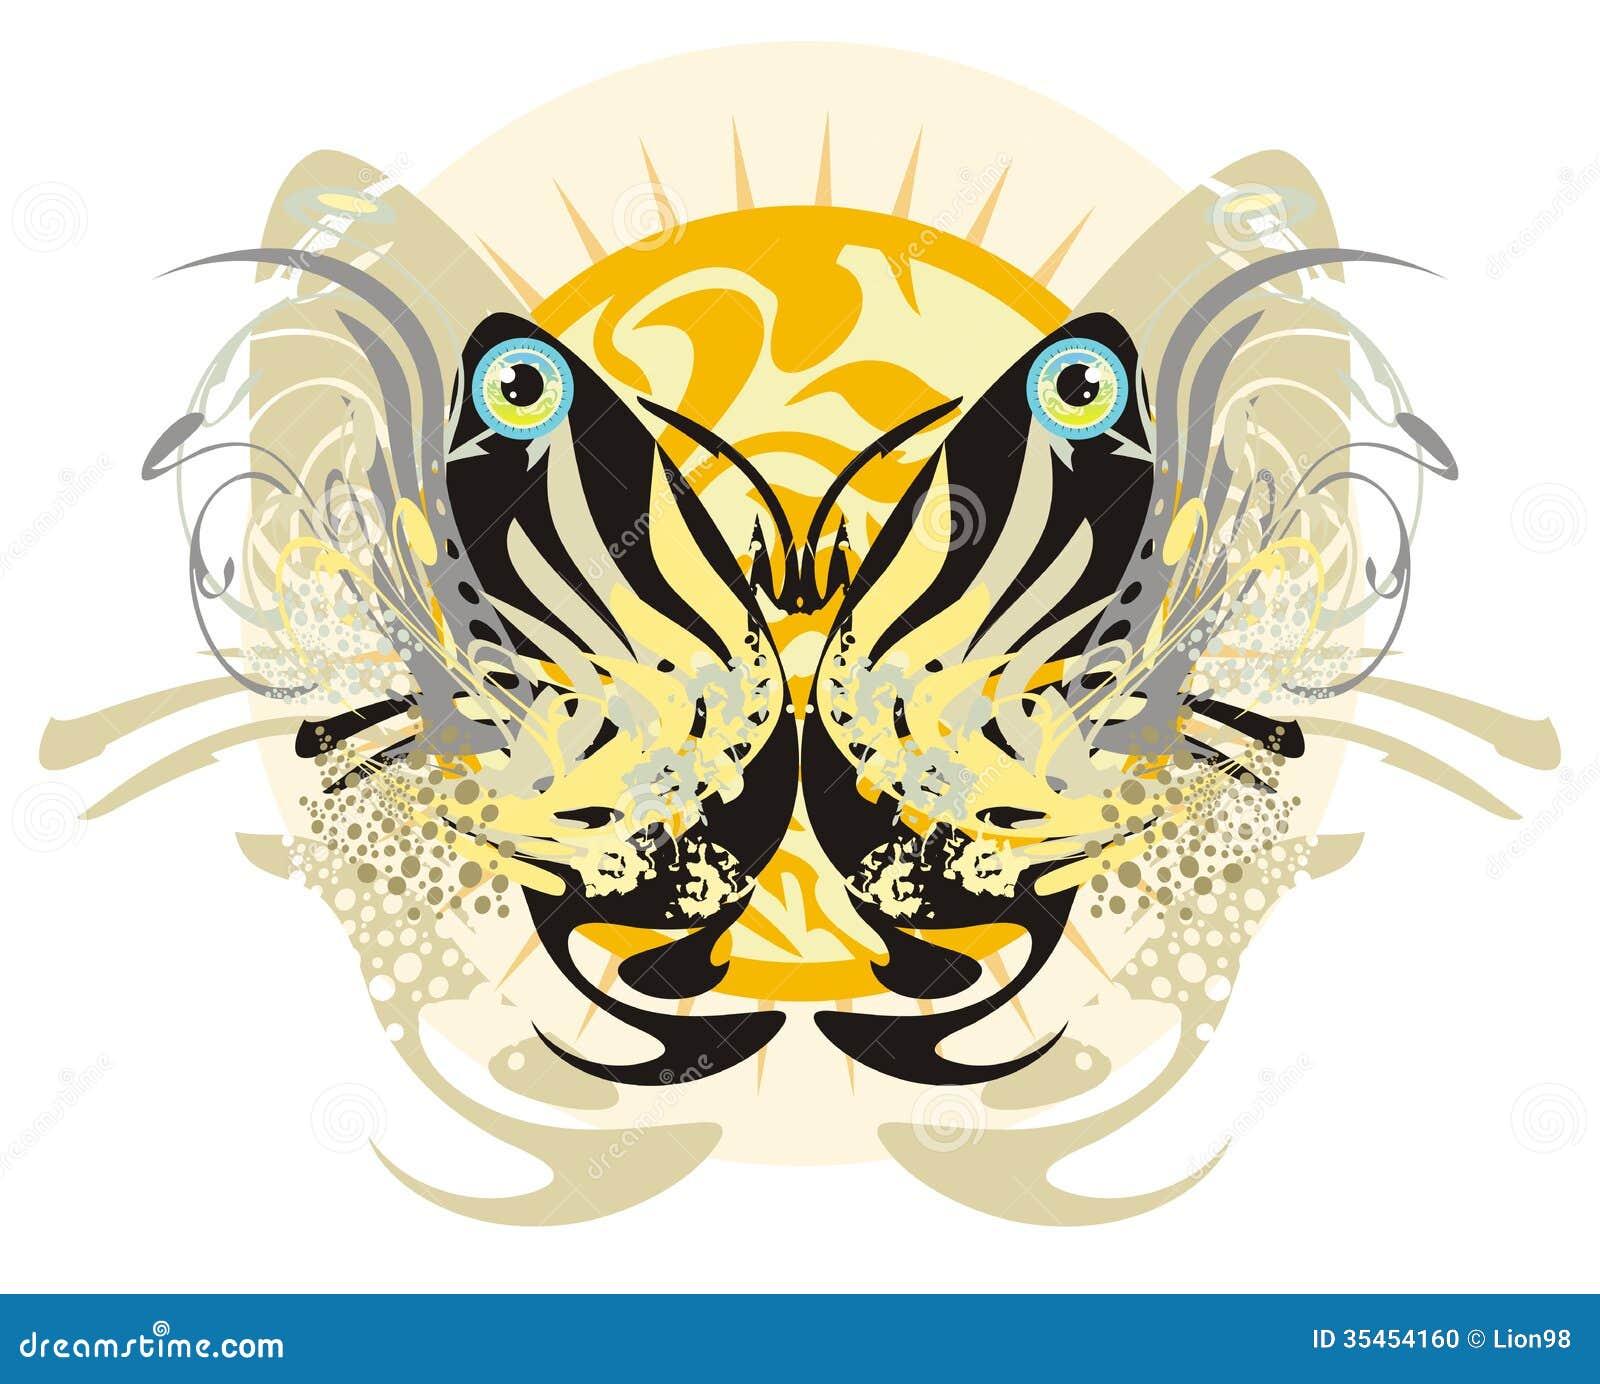 Papillon tribal floral et soleil levant illustration de - Tribal papillon ...